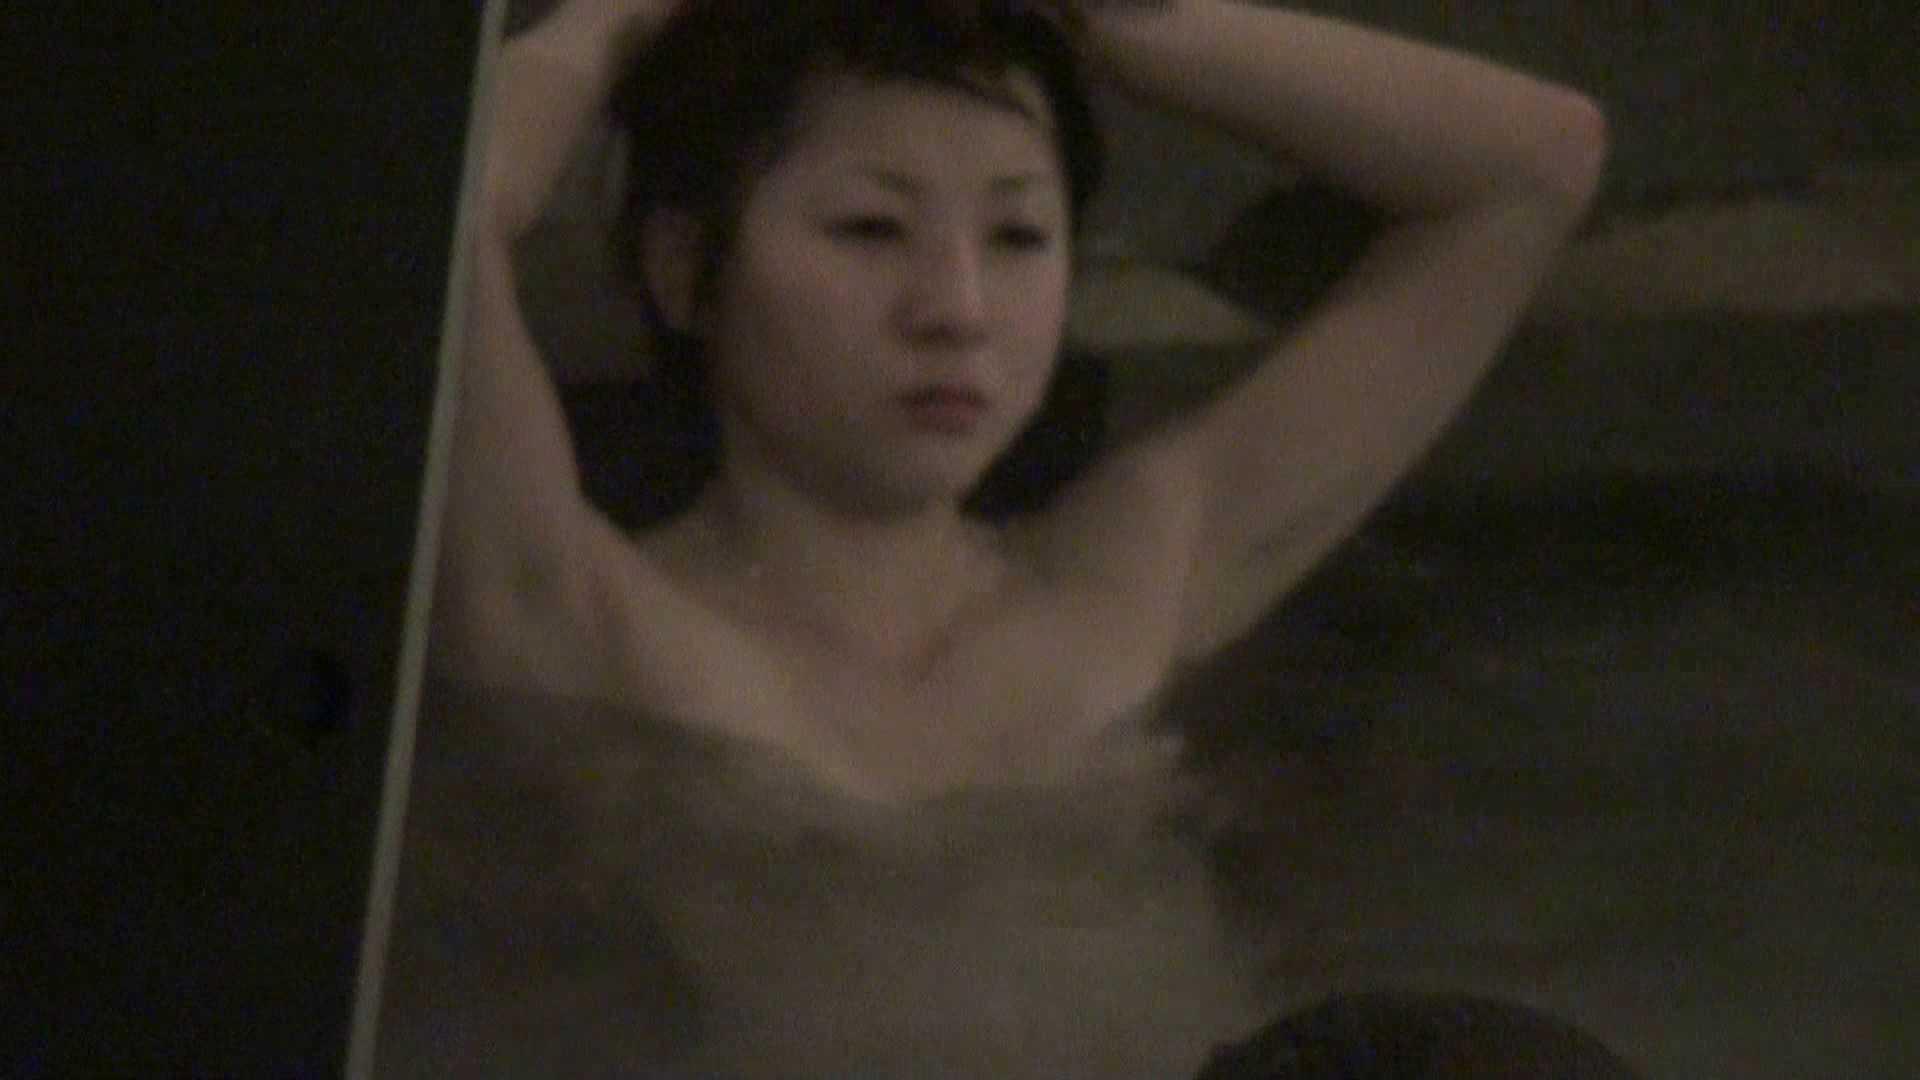 Aquaな露天風呂Vol.440 盗撮  63画像 60